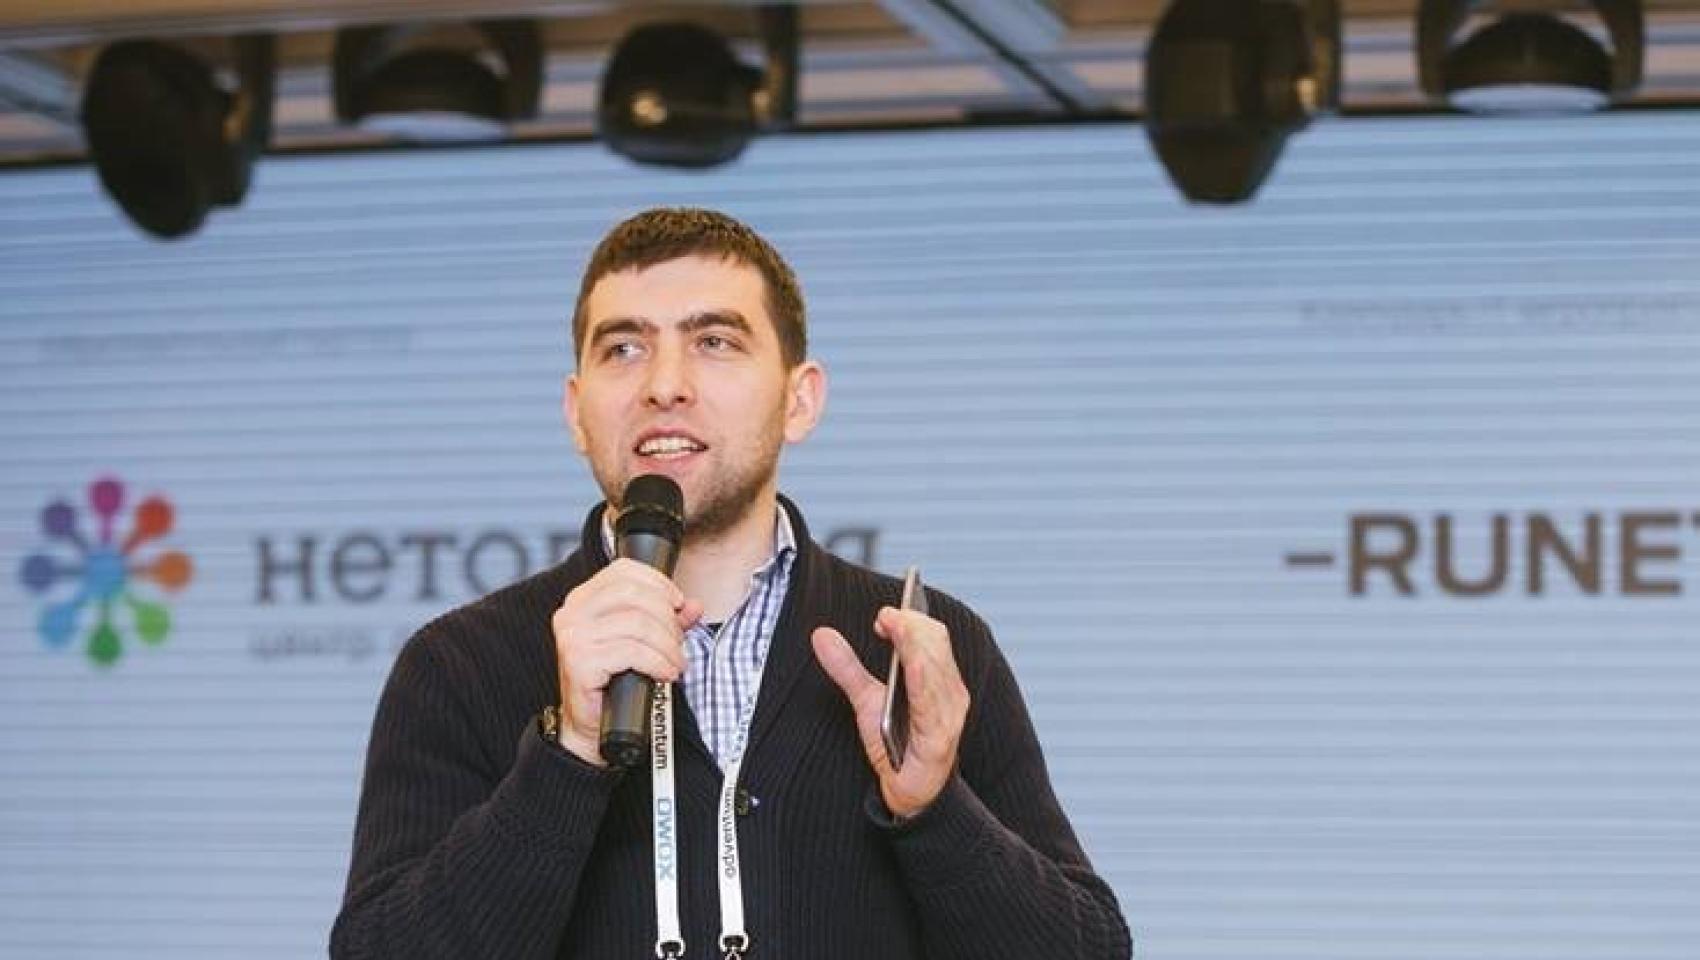 Руководитель OWOX Владислав Флакс: «Победой я буду считать, если люди смогут общаться с данными так же просто, как сейчас выбирают авиаперелеты»